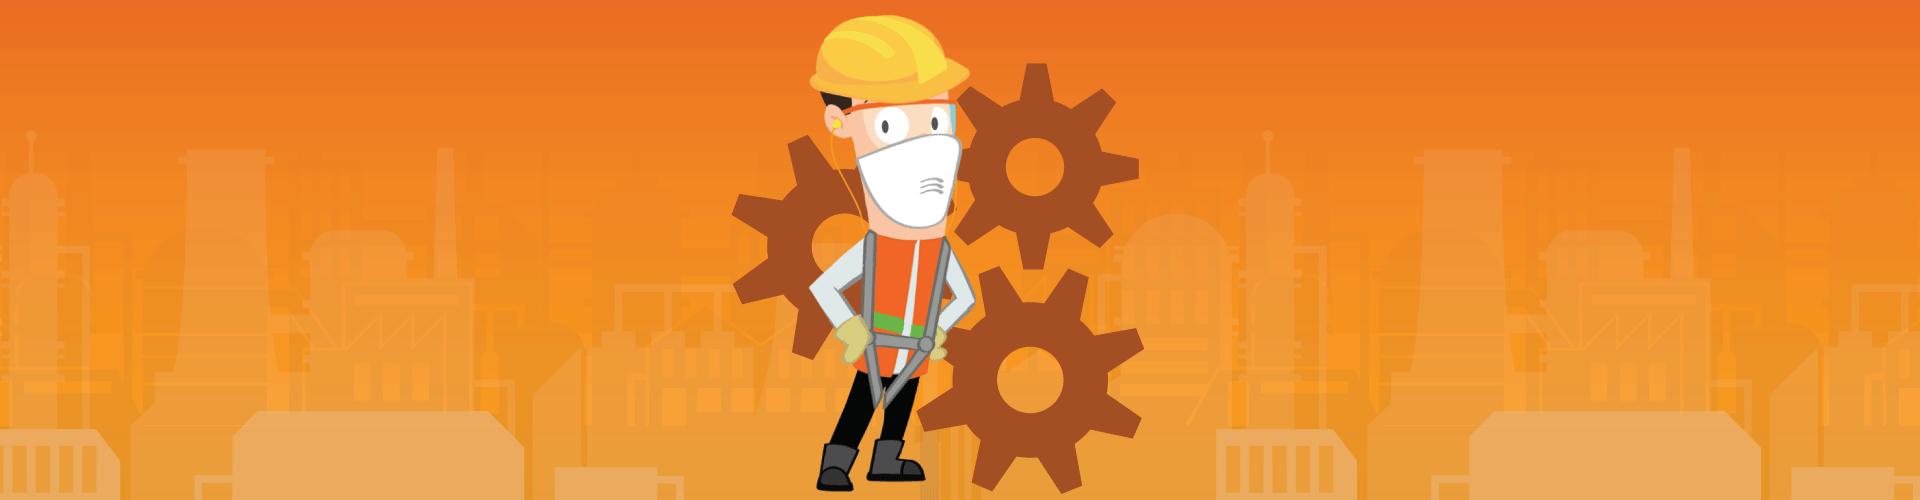 Técnico em Segurança do Trabalho – Saiba mais sobre essa profissão!